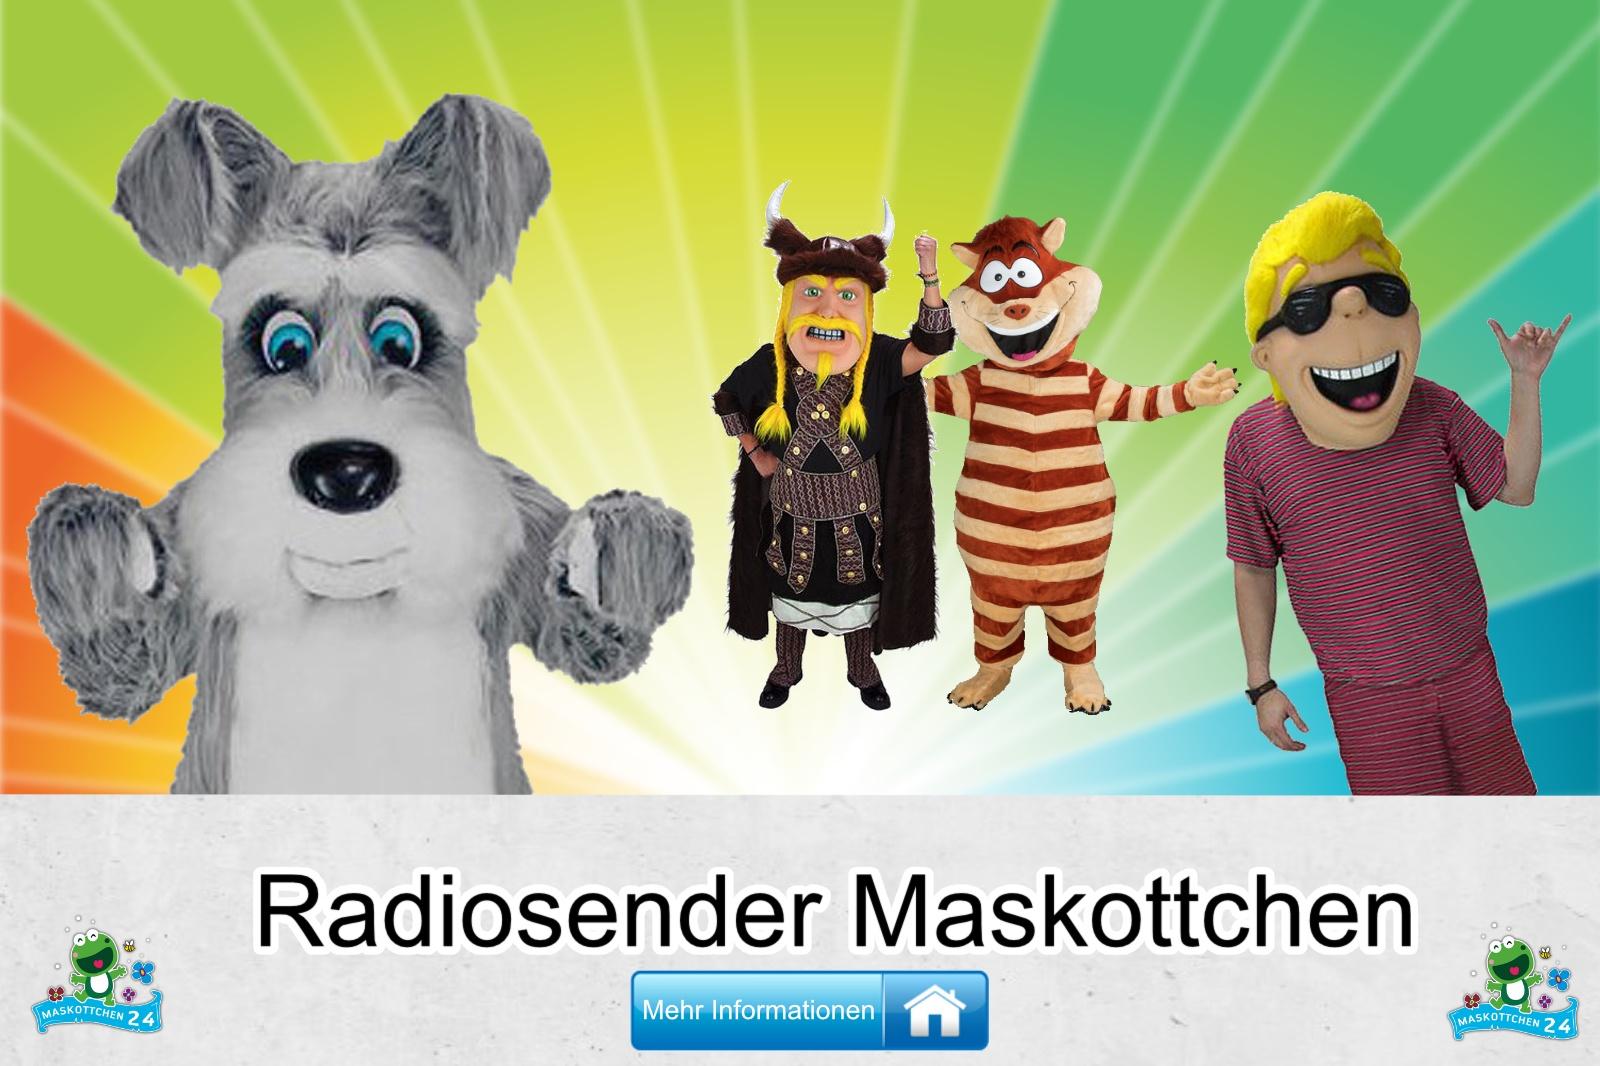 Radiosender Maskottchen Kostüm kaufen